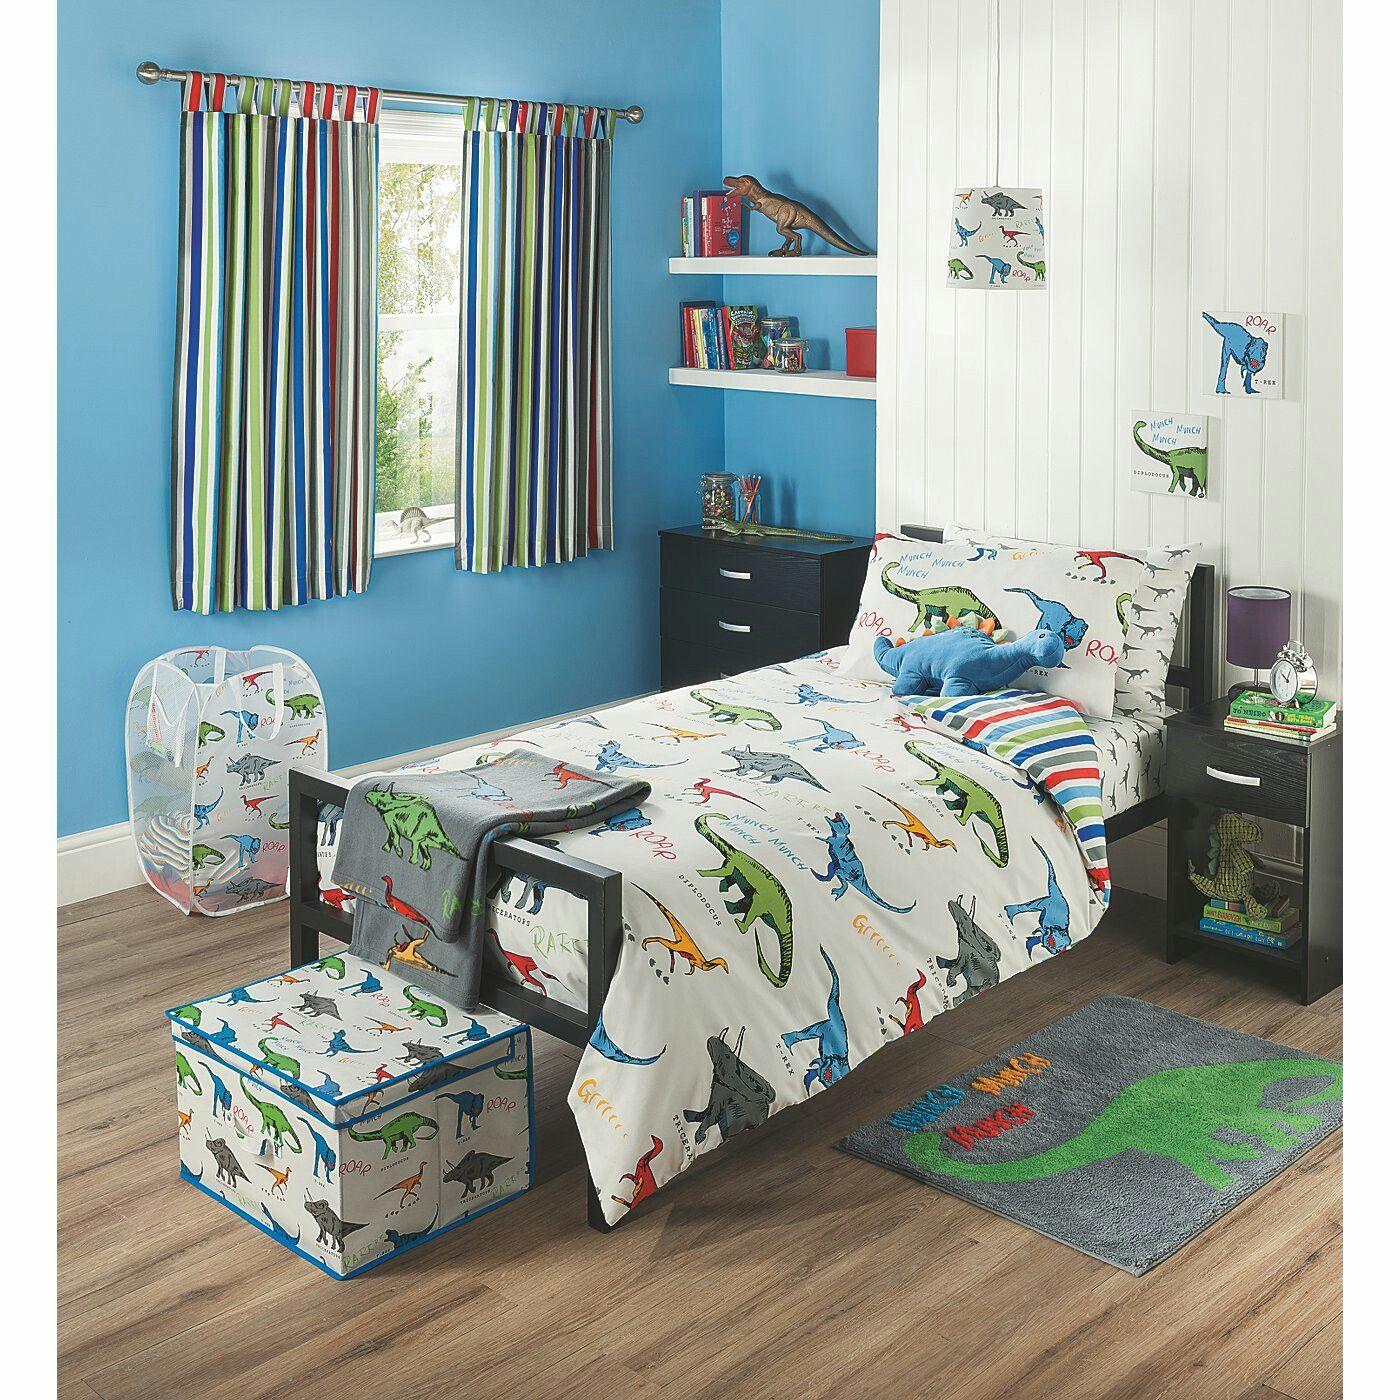 Pin by Jasmine Hannah Battams on Osians room ideas | Pinterest ...